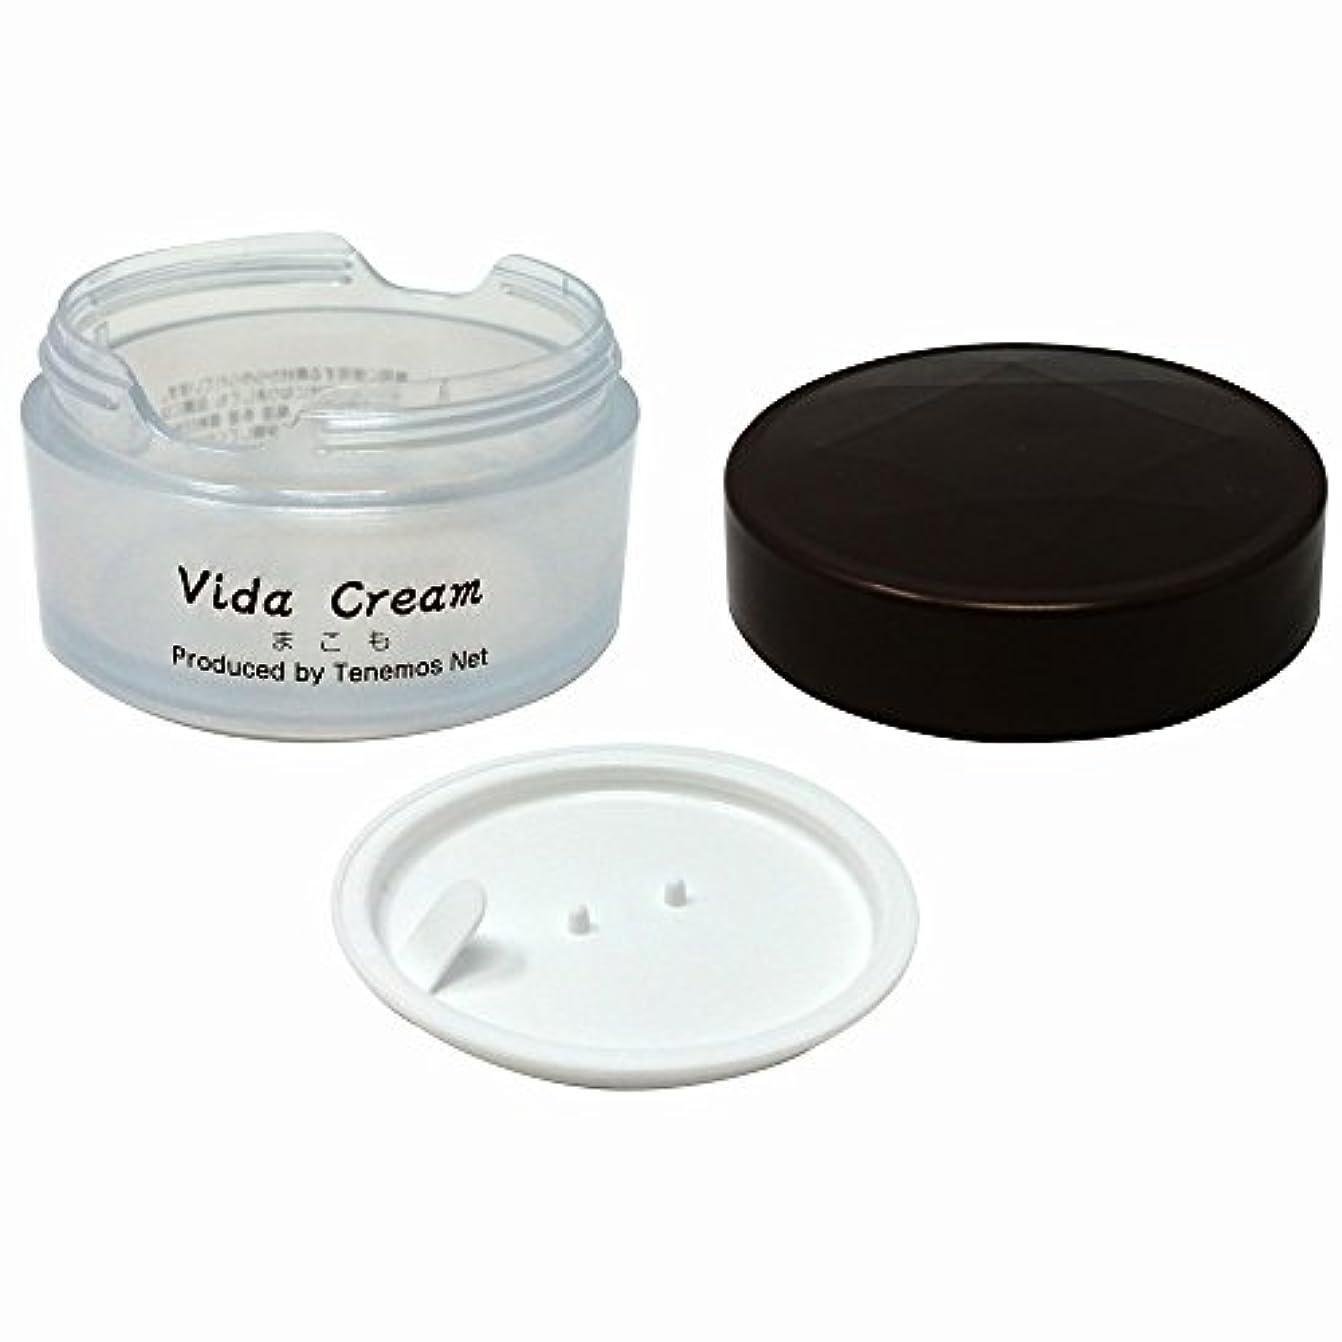 疲労立場ヘロインテネモス ビダクリーム Vida Cream 専用ケース(あずき色)